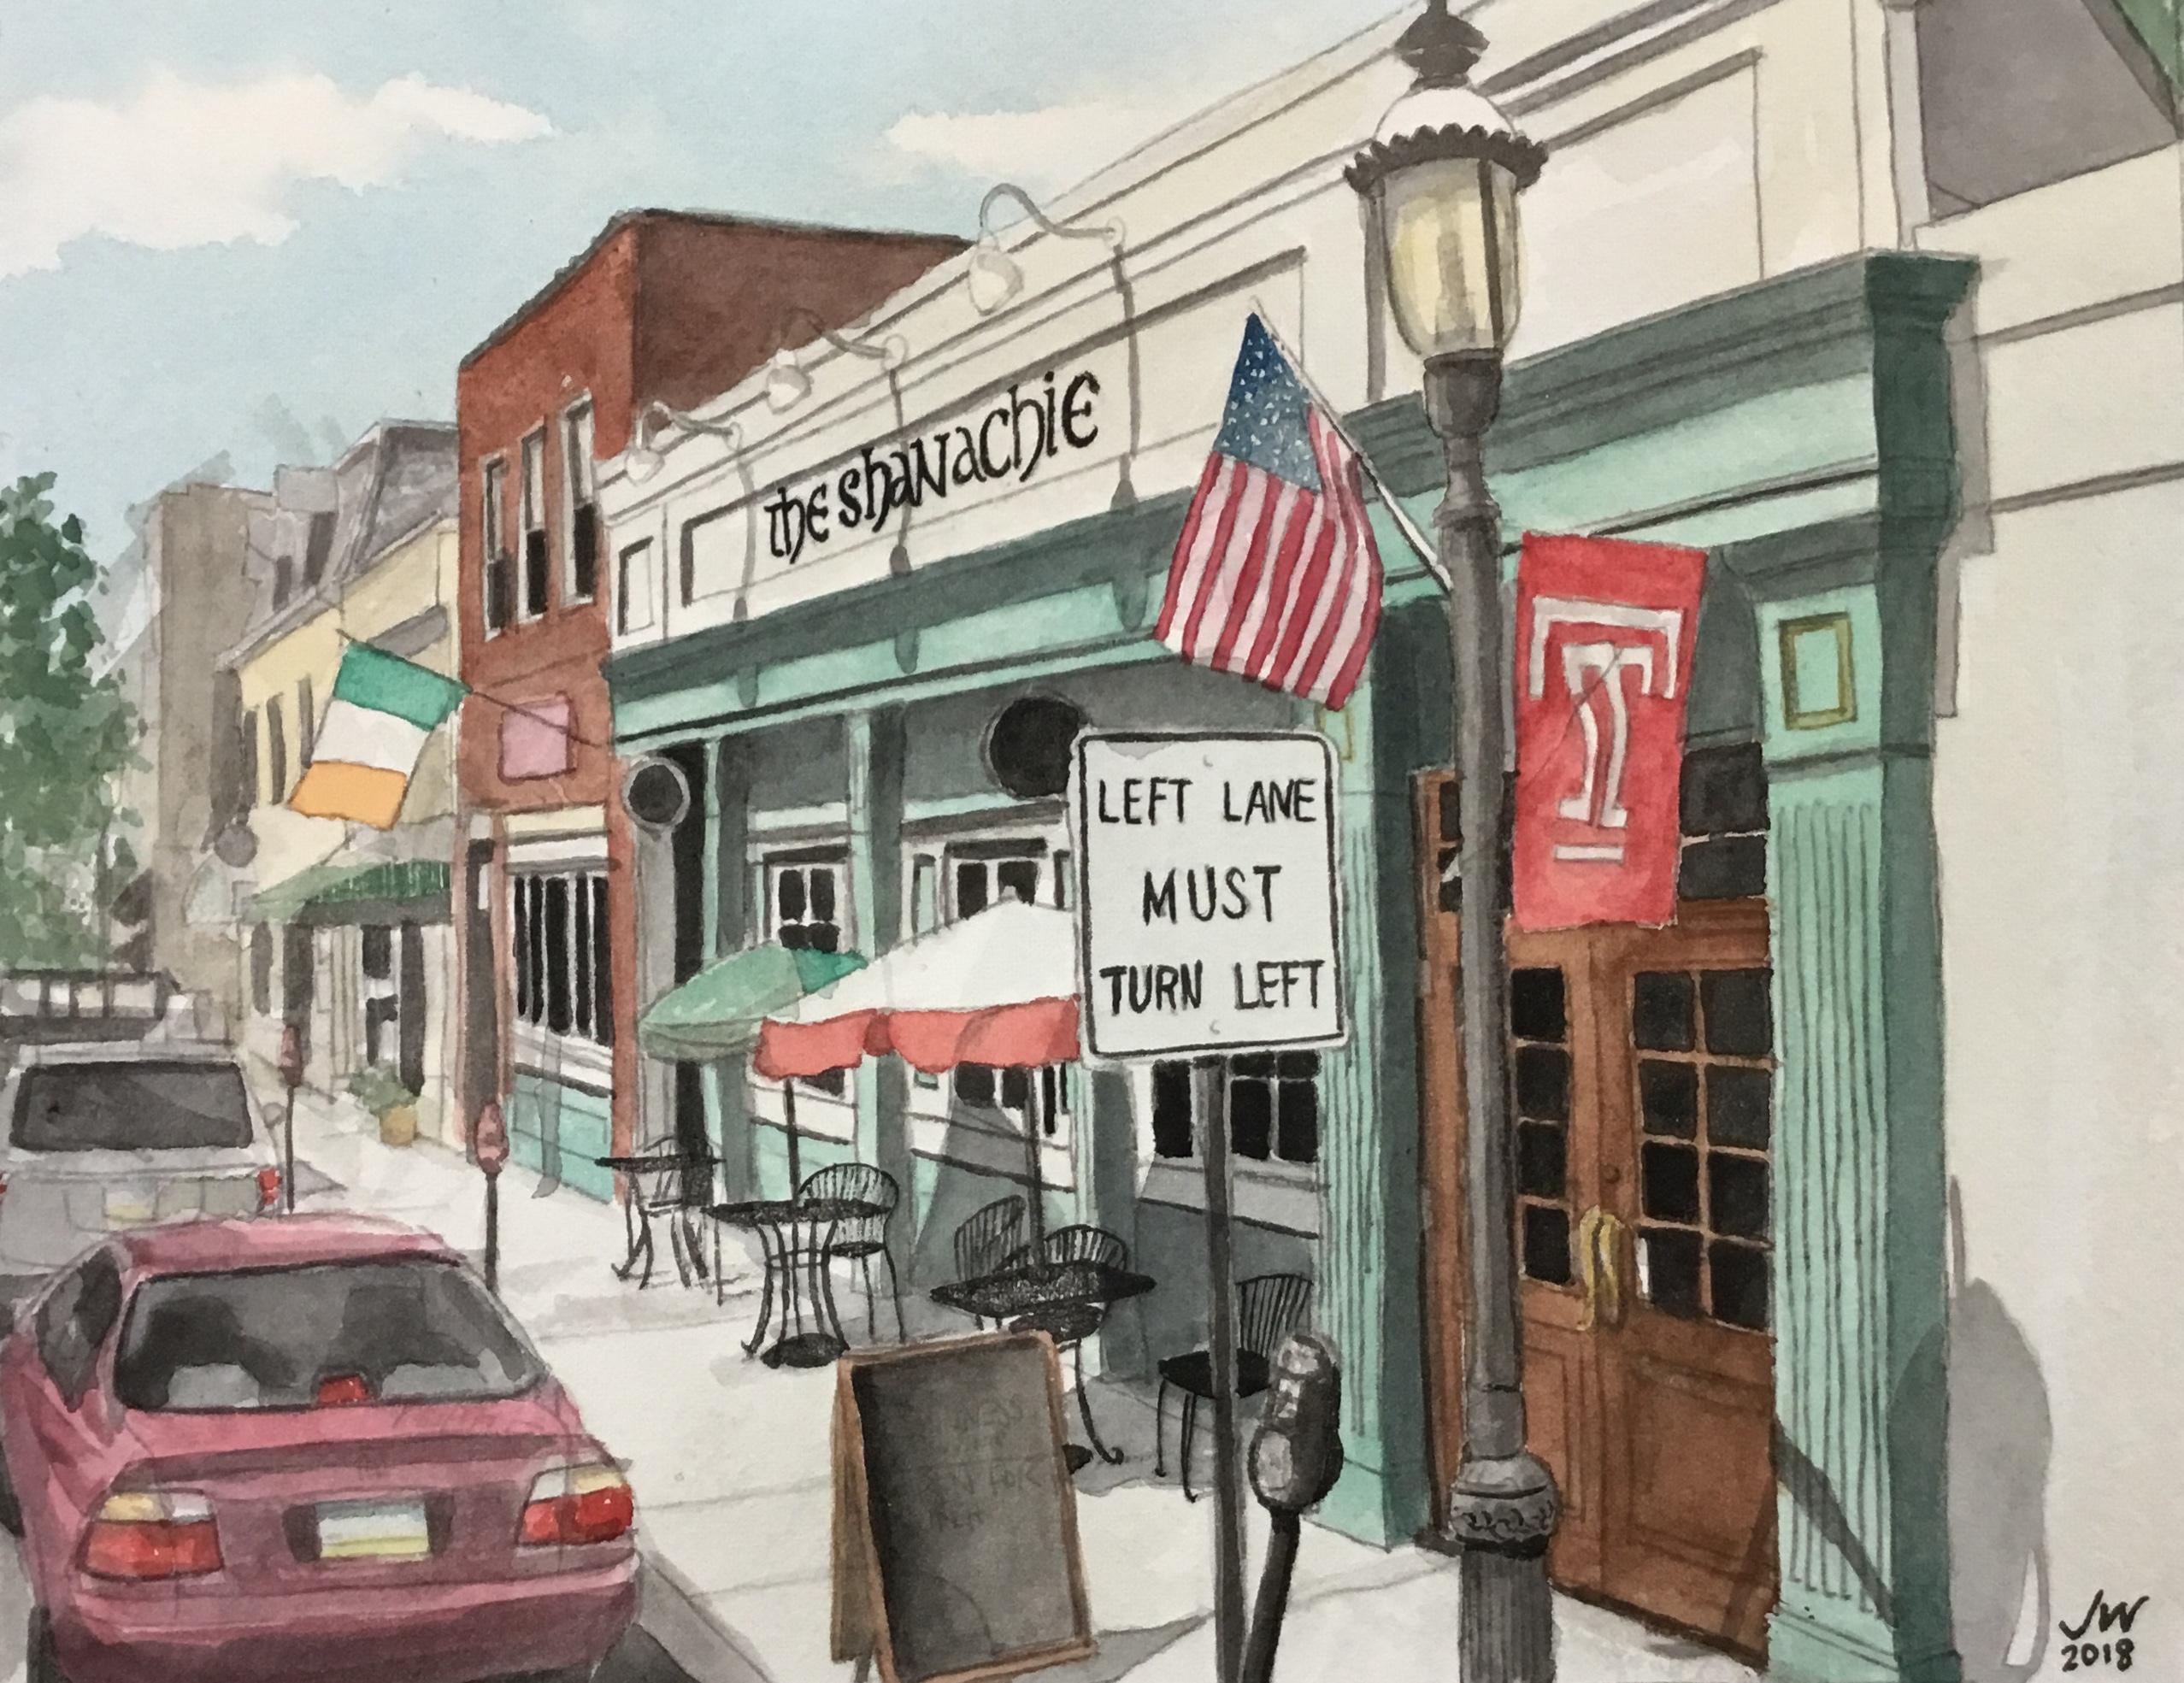 The Late Great Shanachie Irish Pub